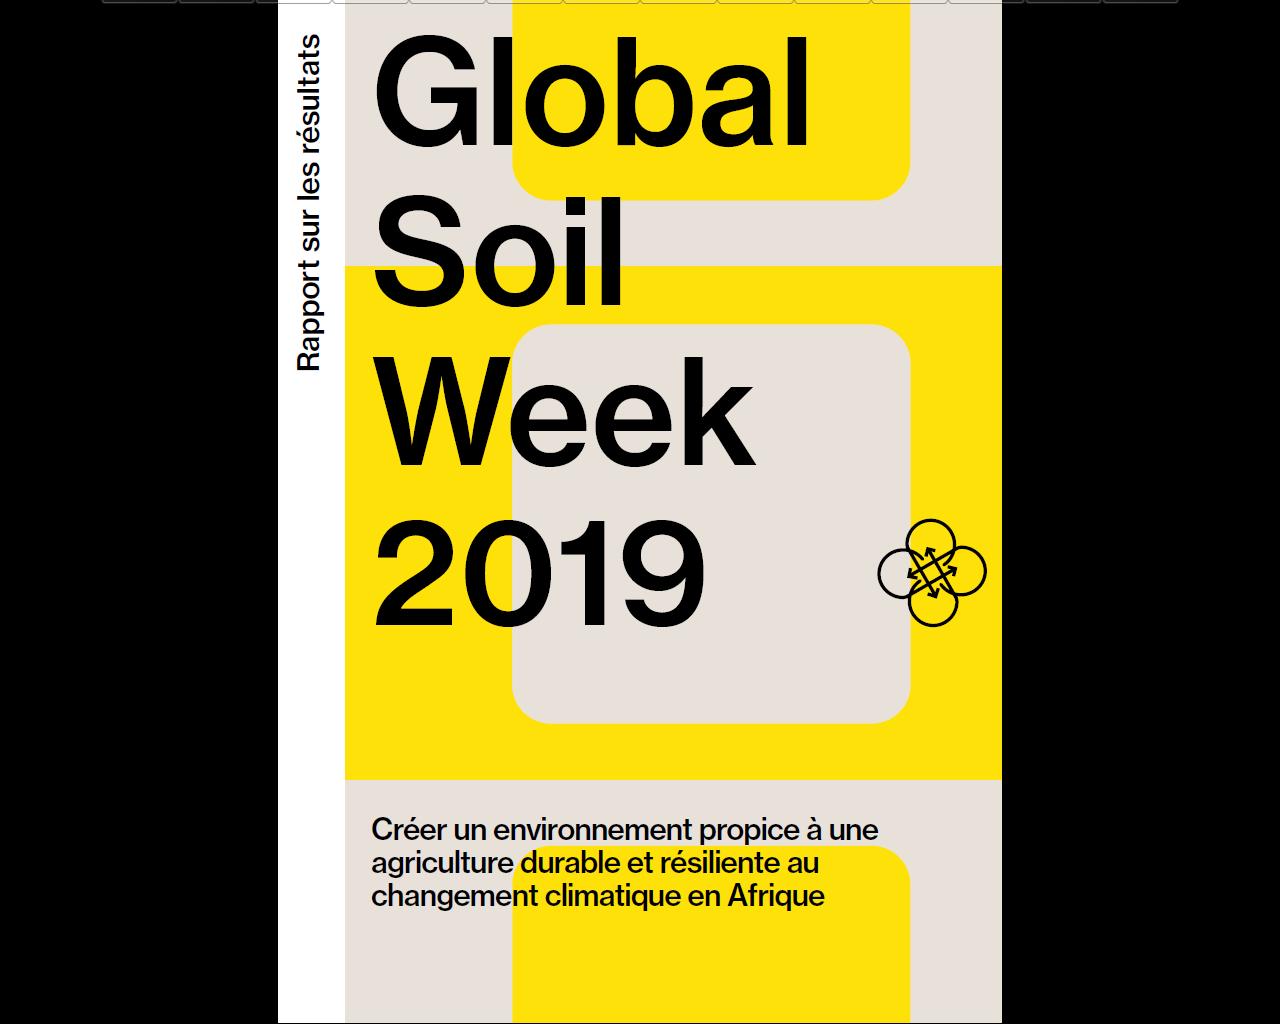 Rapport - Global soil week 2019